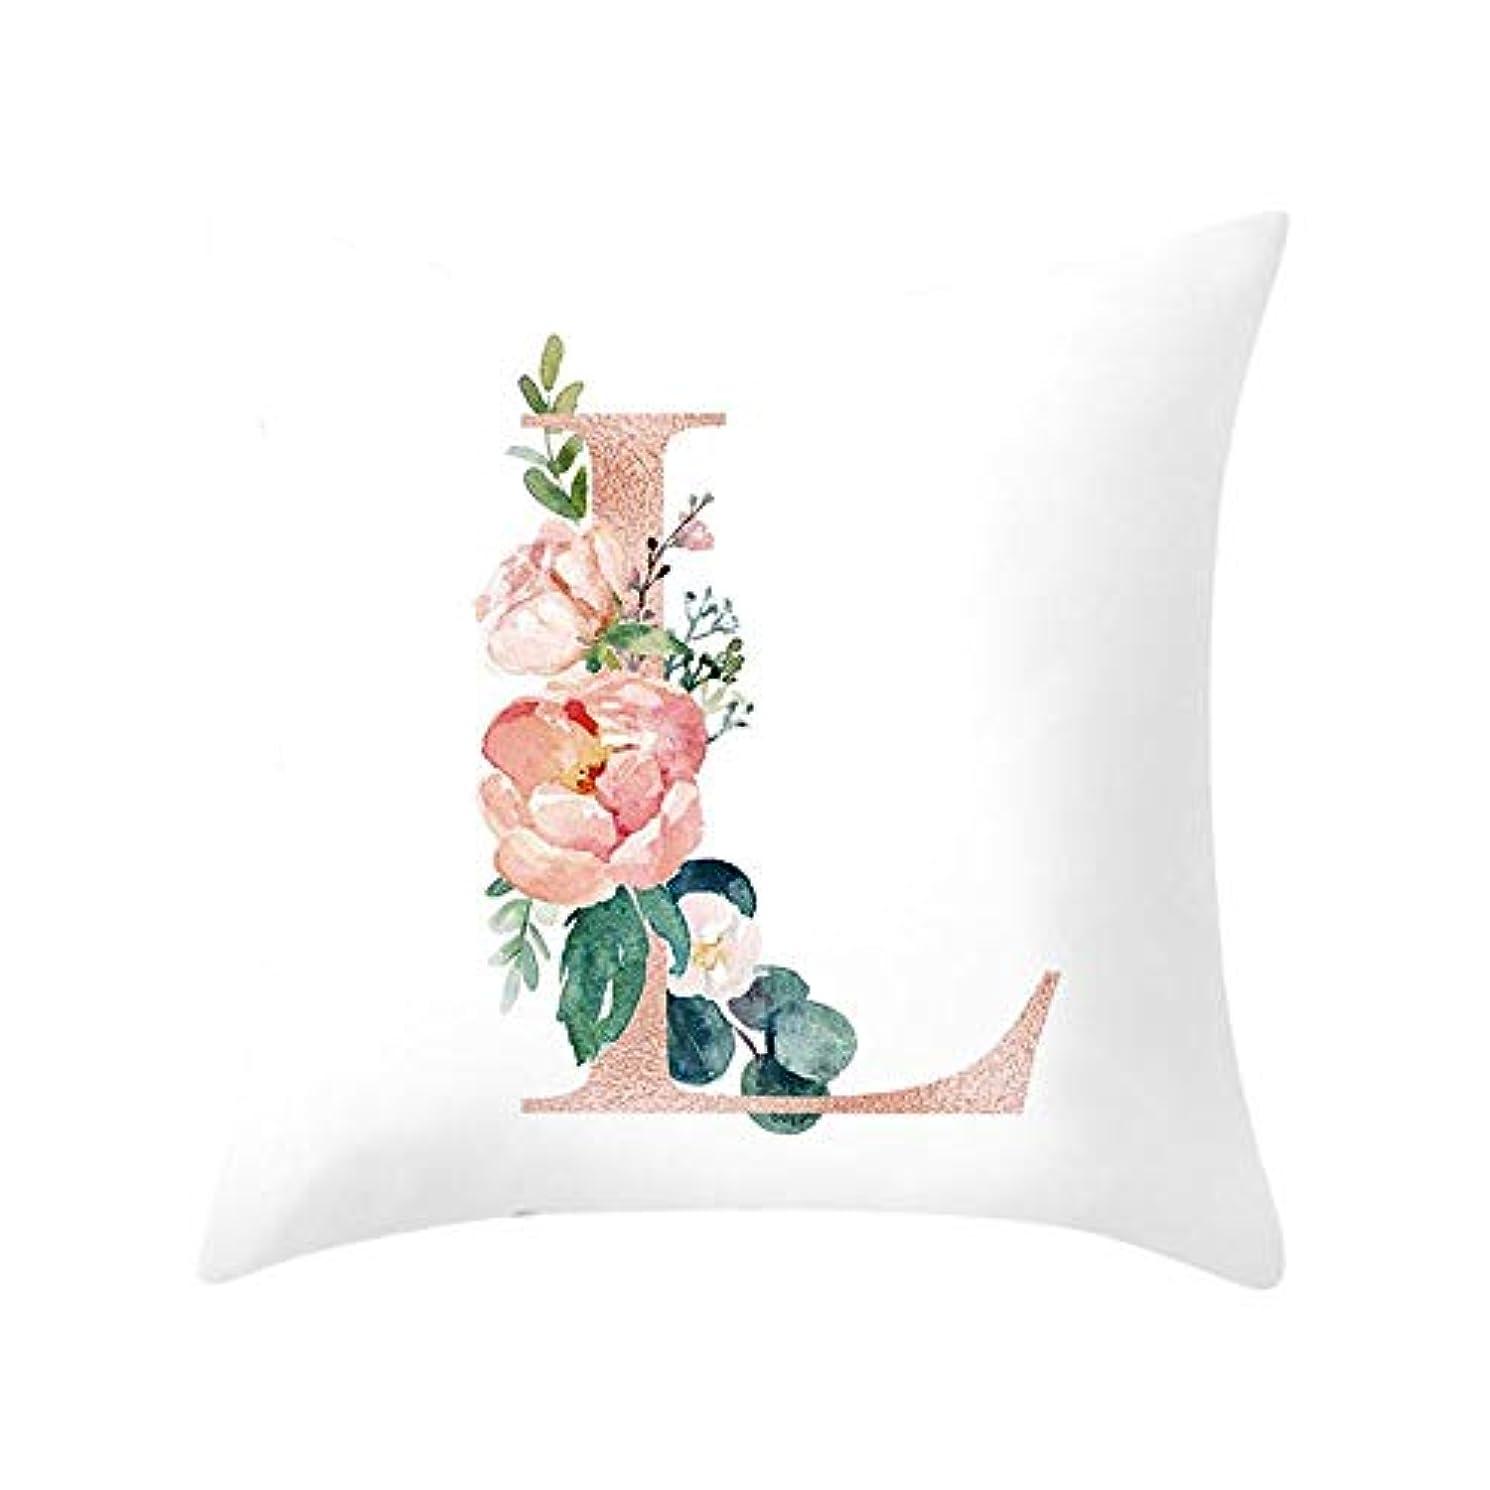 土曜日チラチラするより良いLIFE 装飾クッションソファ手紙枕アルファベットクッション印刷ソファ家の装飾の花枕 coussin decoratif クッション 椅子